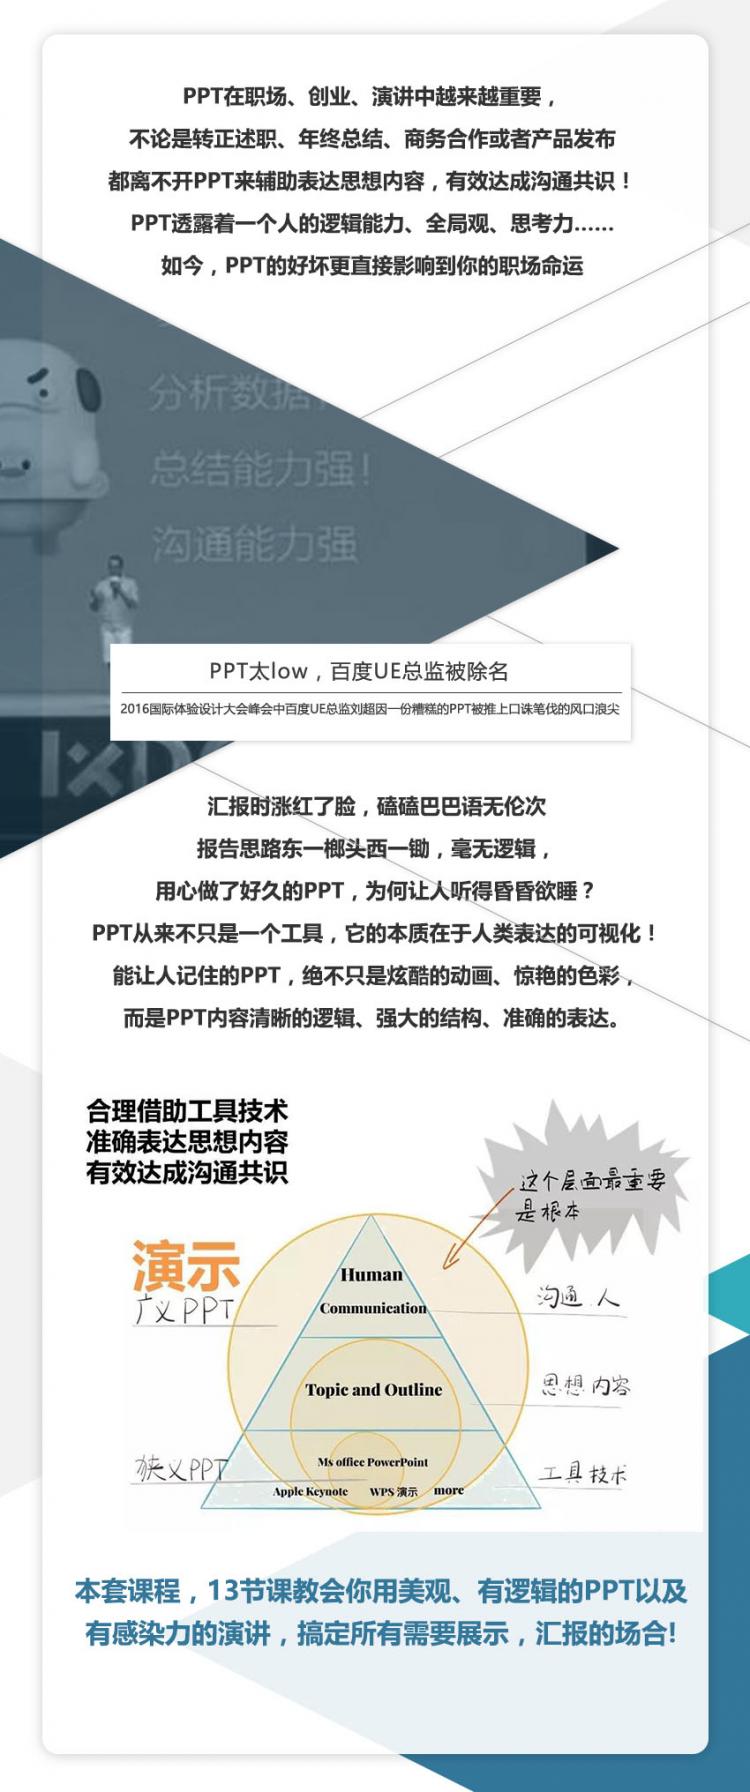 荔枝PPT详情页_1_2-1.jpg